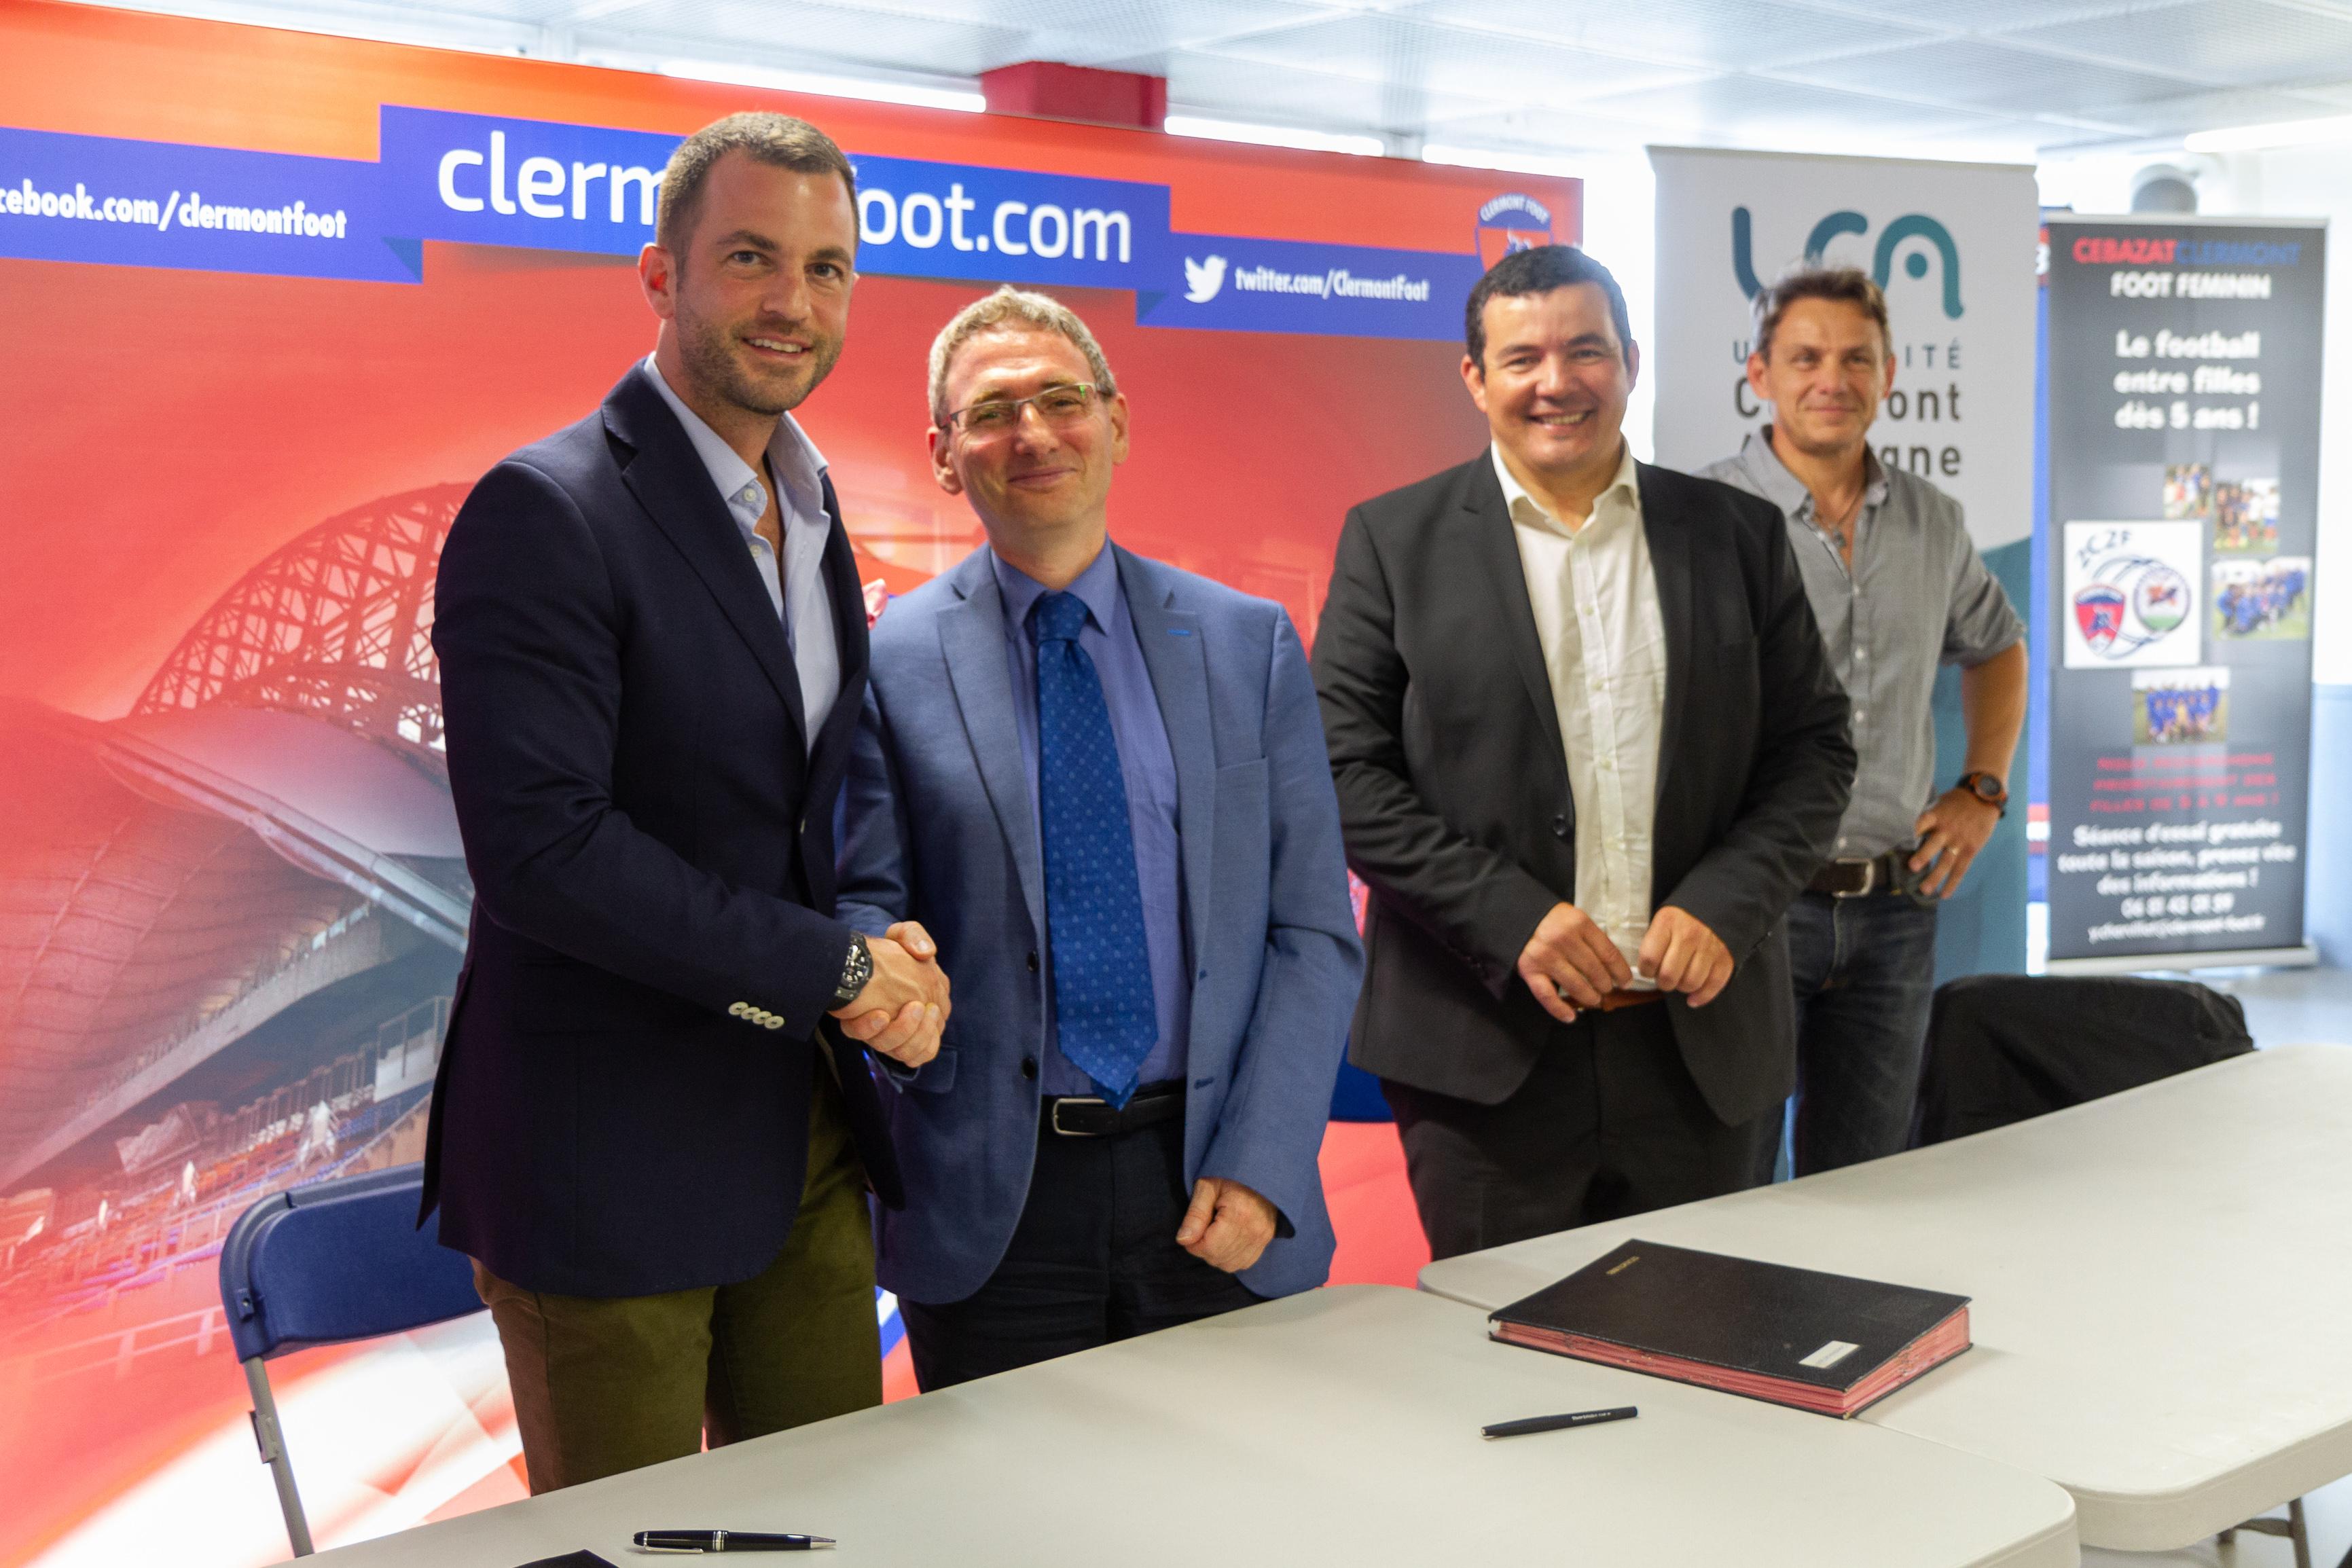 De gauche à droite : Ahmet Schaefer, Président du CF 63, Mathias Bernard, Président de l'UCA, Nasser Hammache, Directeur de l'UFR STAPS, Stéphane Héros, enseignant responsable de l'option foot à l'UFR STAPS.